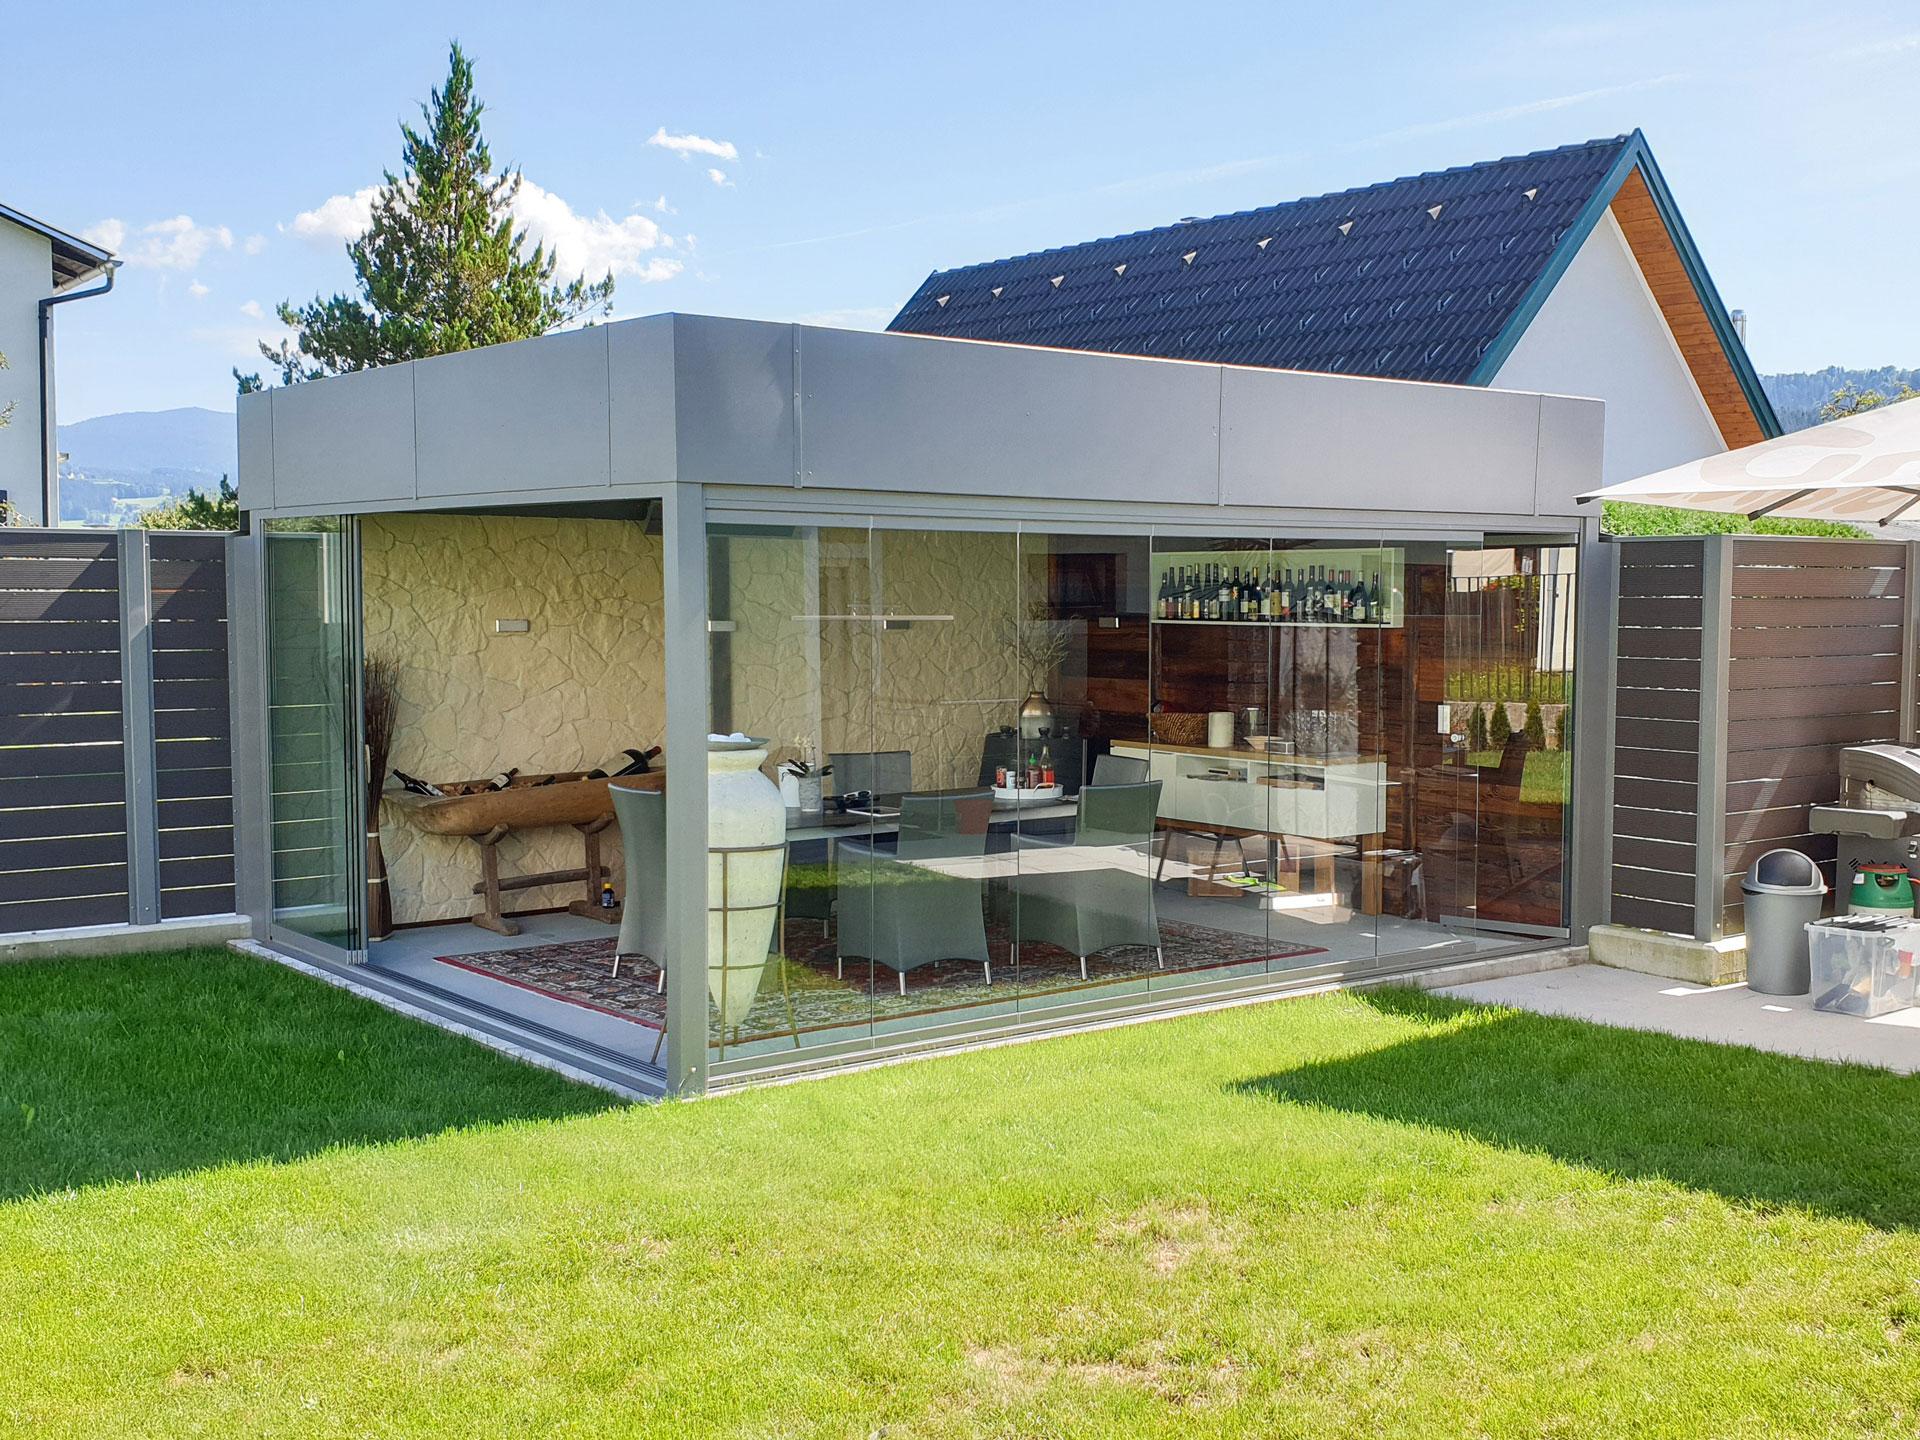 Sommergarten Alu 38 a | graues Alu-Dach freistehend grau im Garten mit Verglasung, Attika | Svoboda